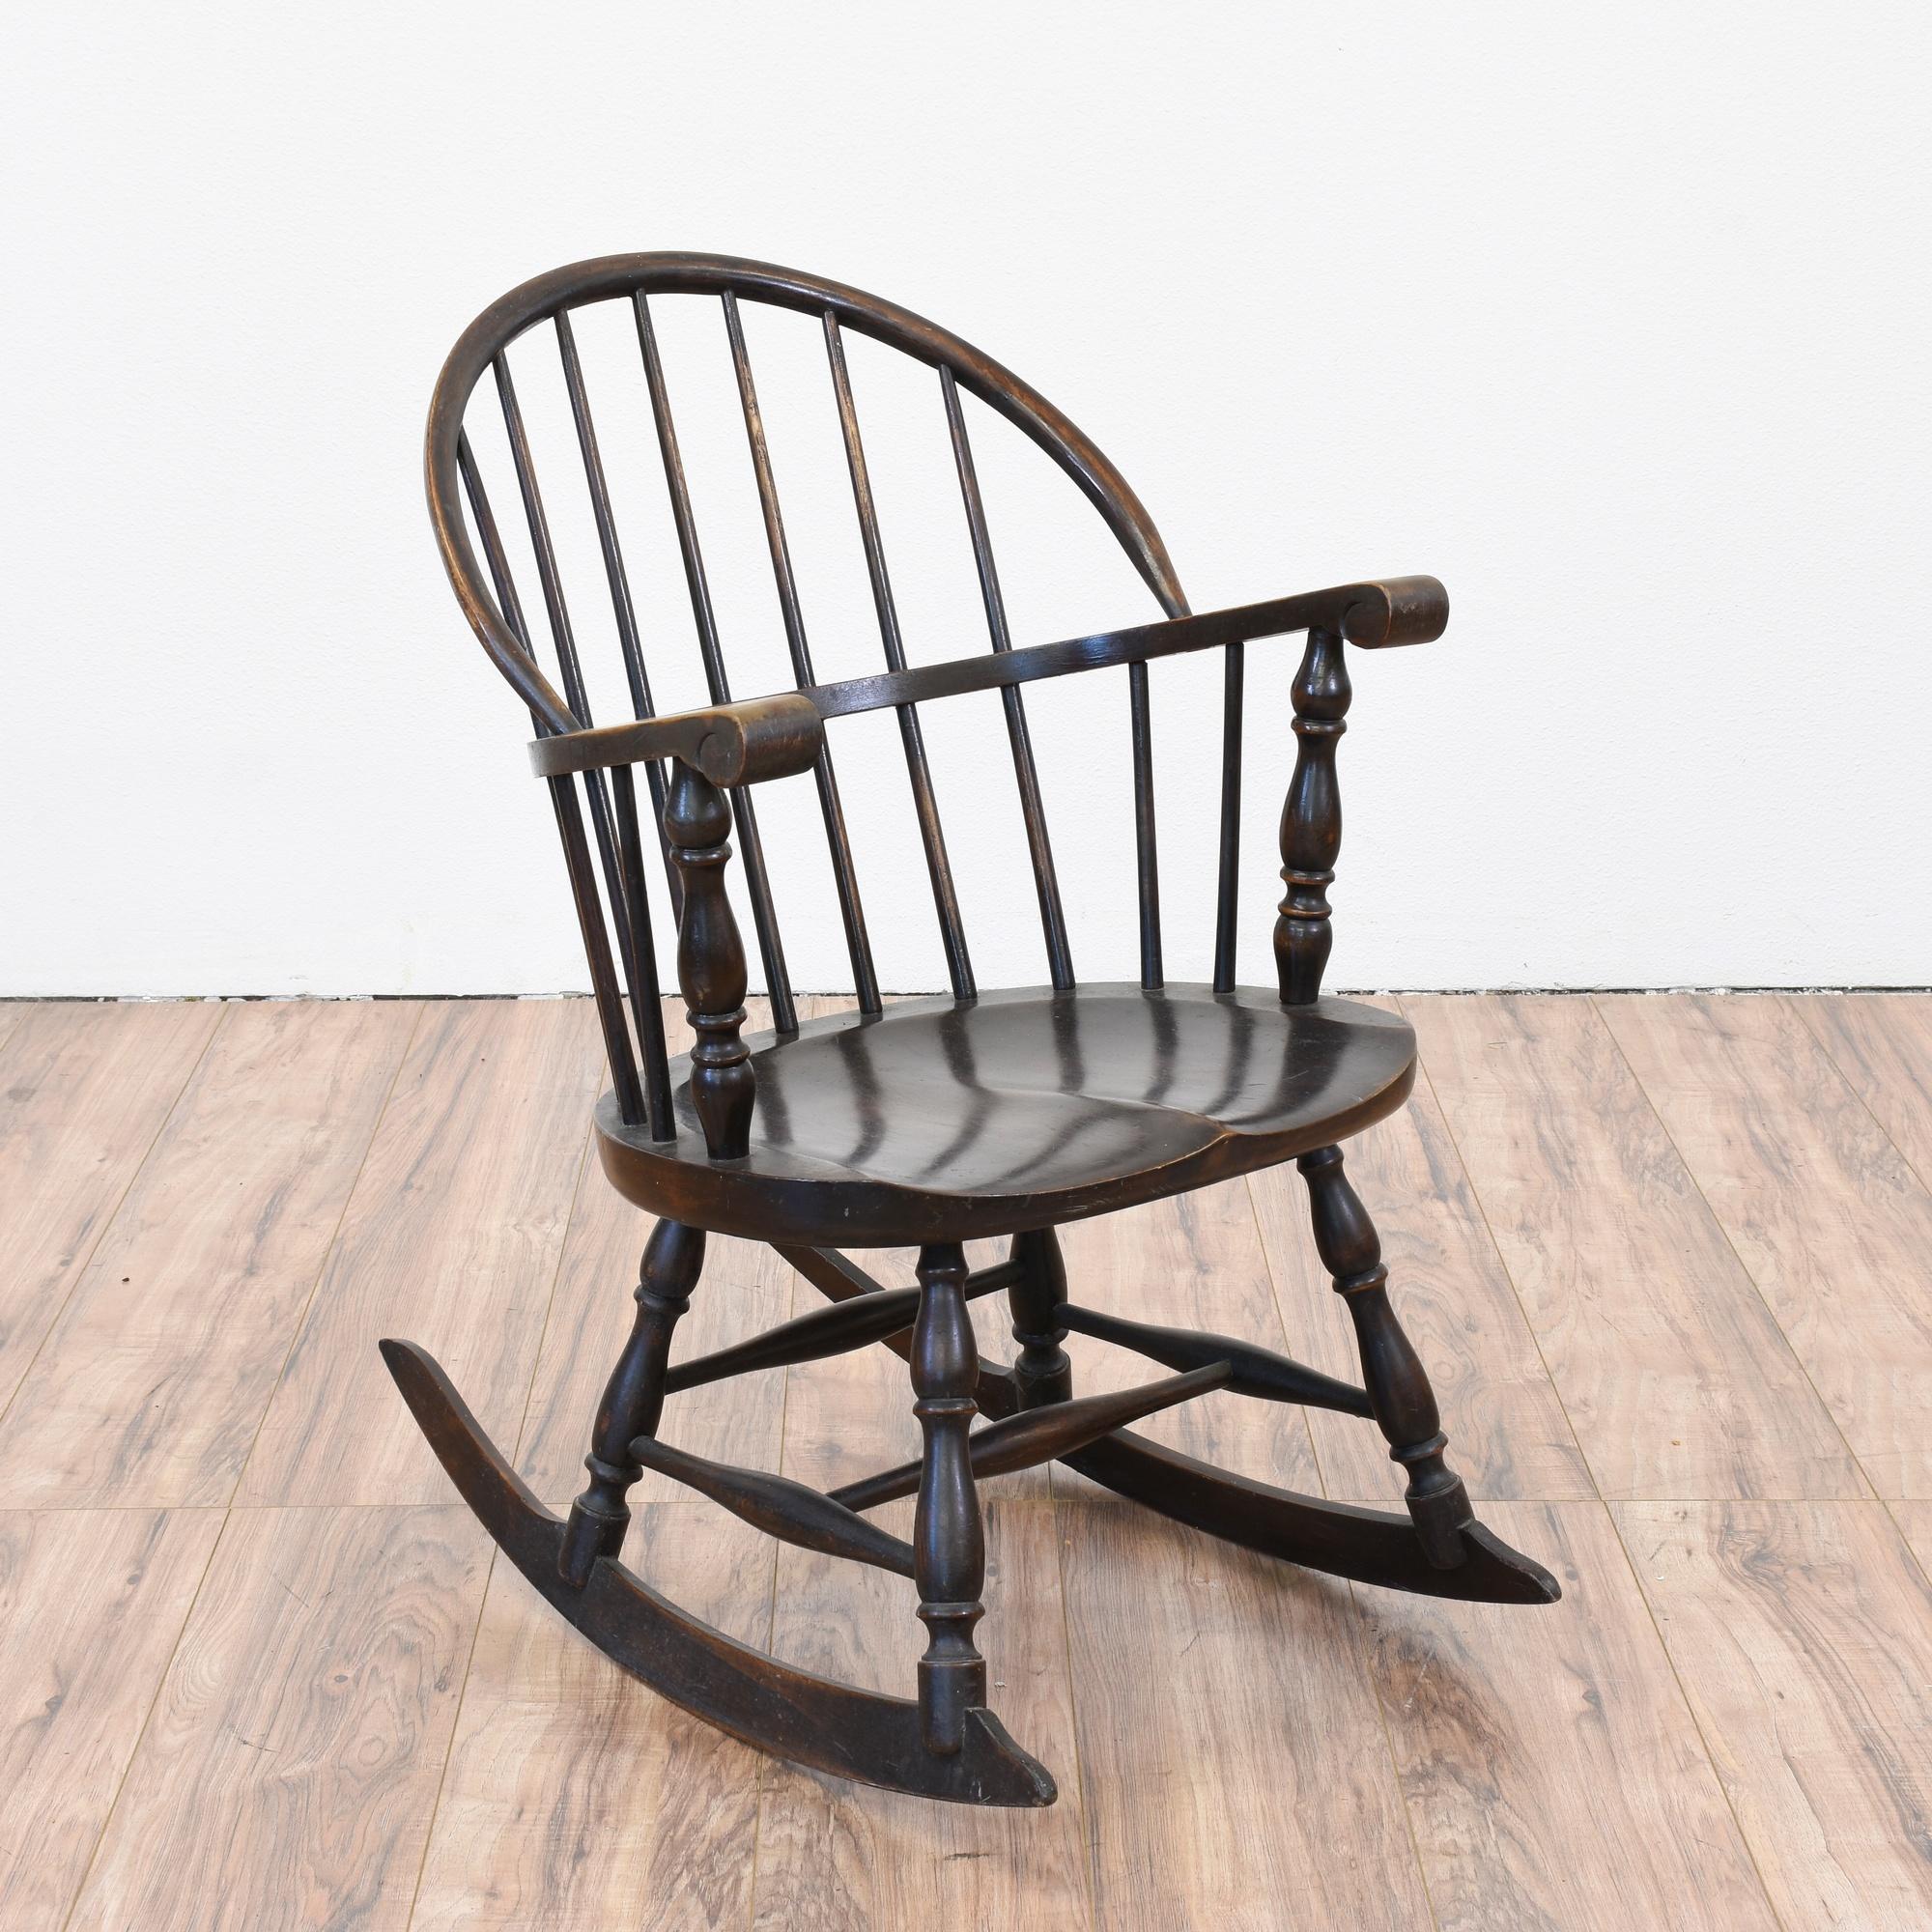 antique windsor rocking chair Antique Windsor Rocking Chair | Loveseat Vintage Furniture San Diego antique windsor rocking chair